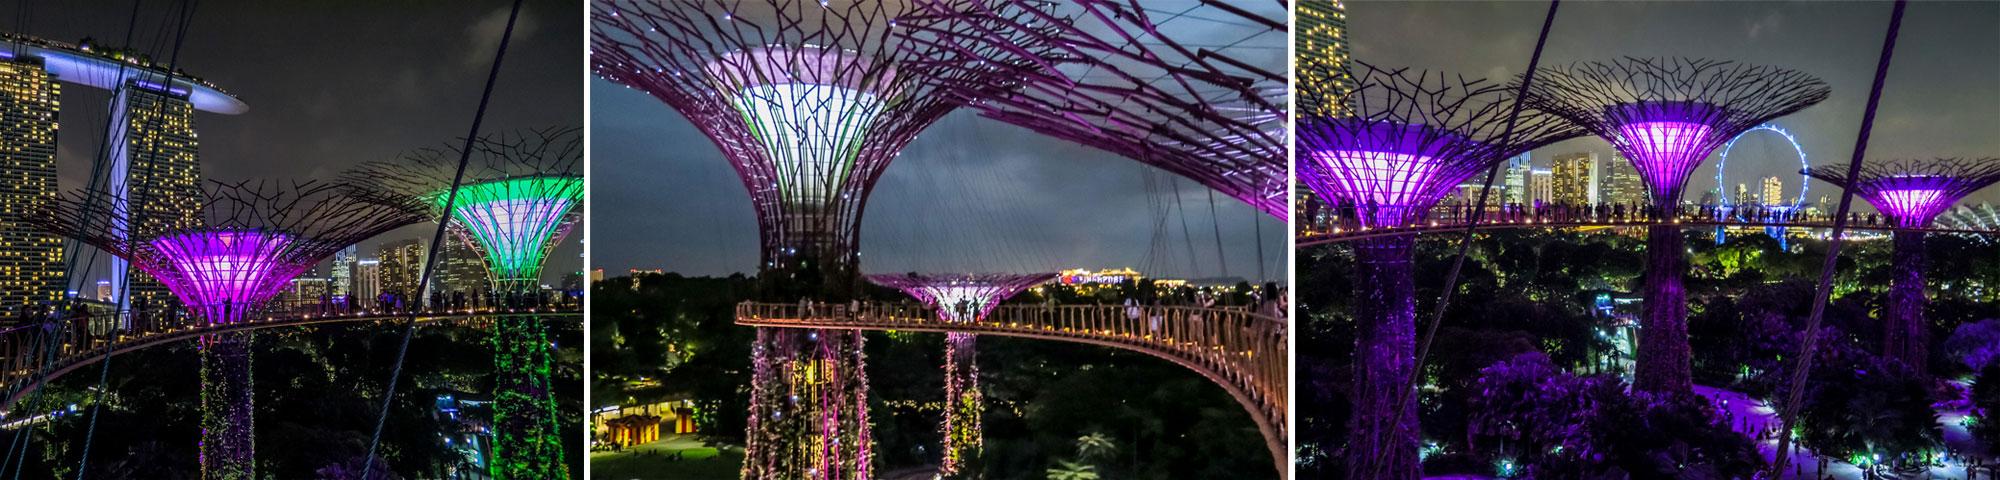 Gardens by the bay un inesperado toque de magia en singapur cuaderno de viajes for El super garden grove